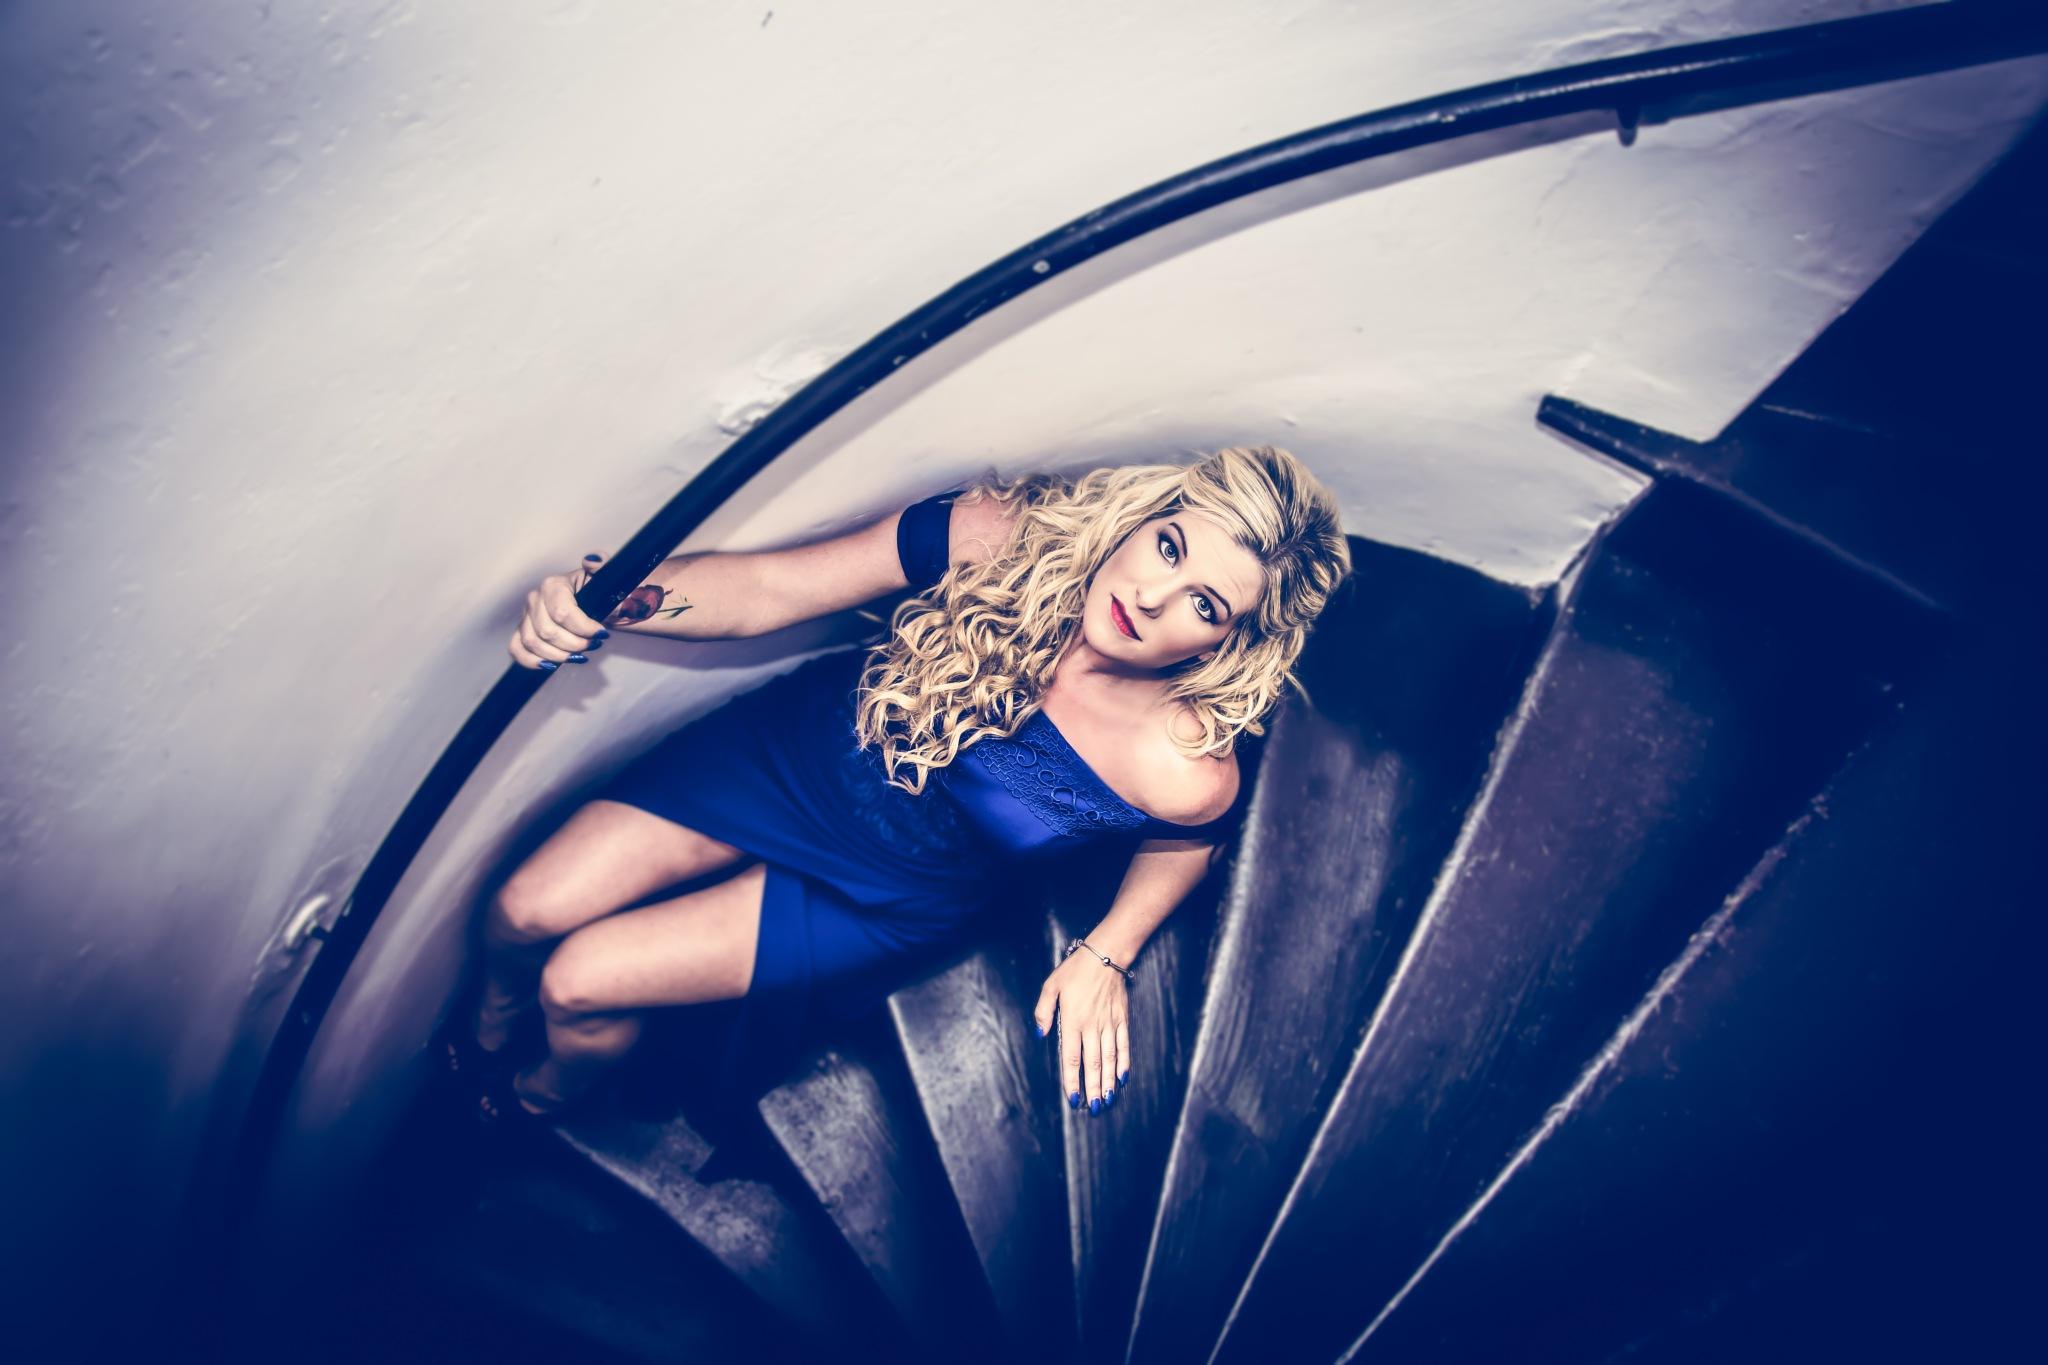 Stairway to ? by Caroline Shapiro